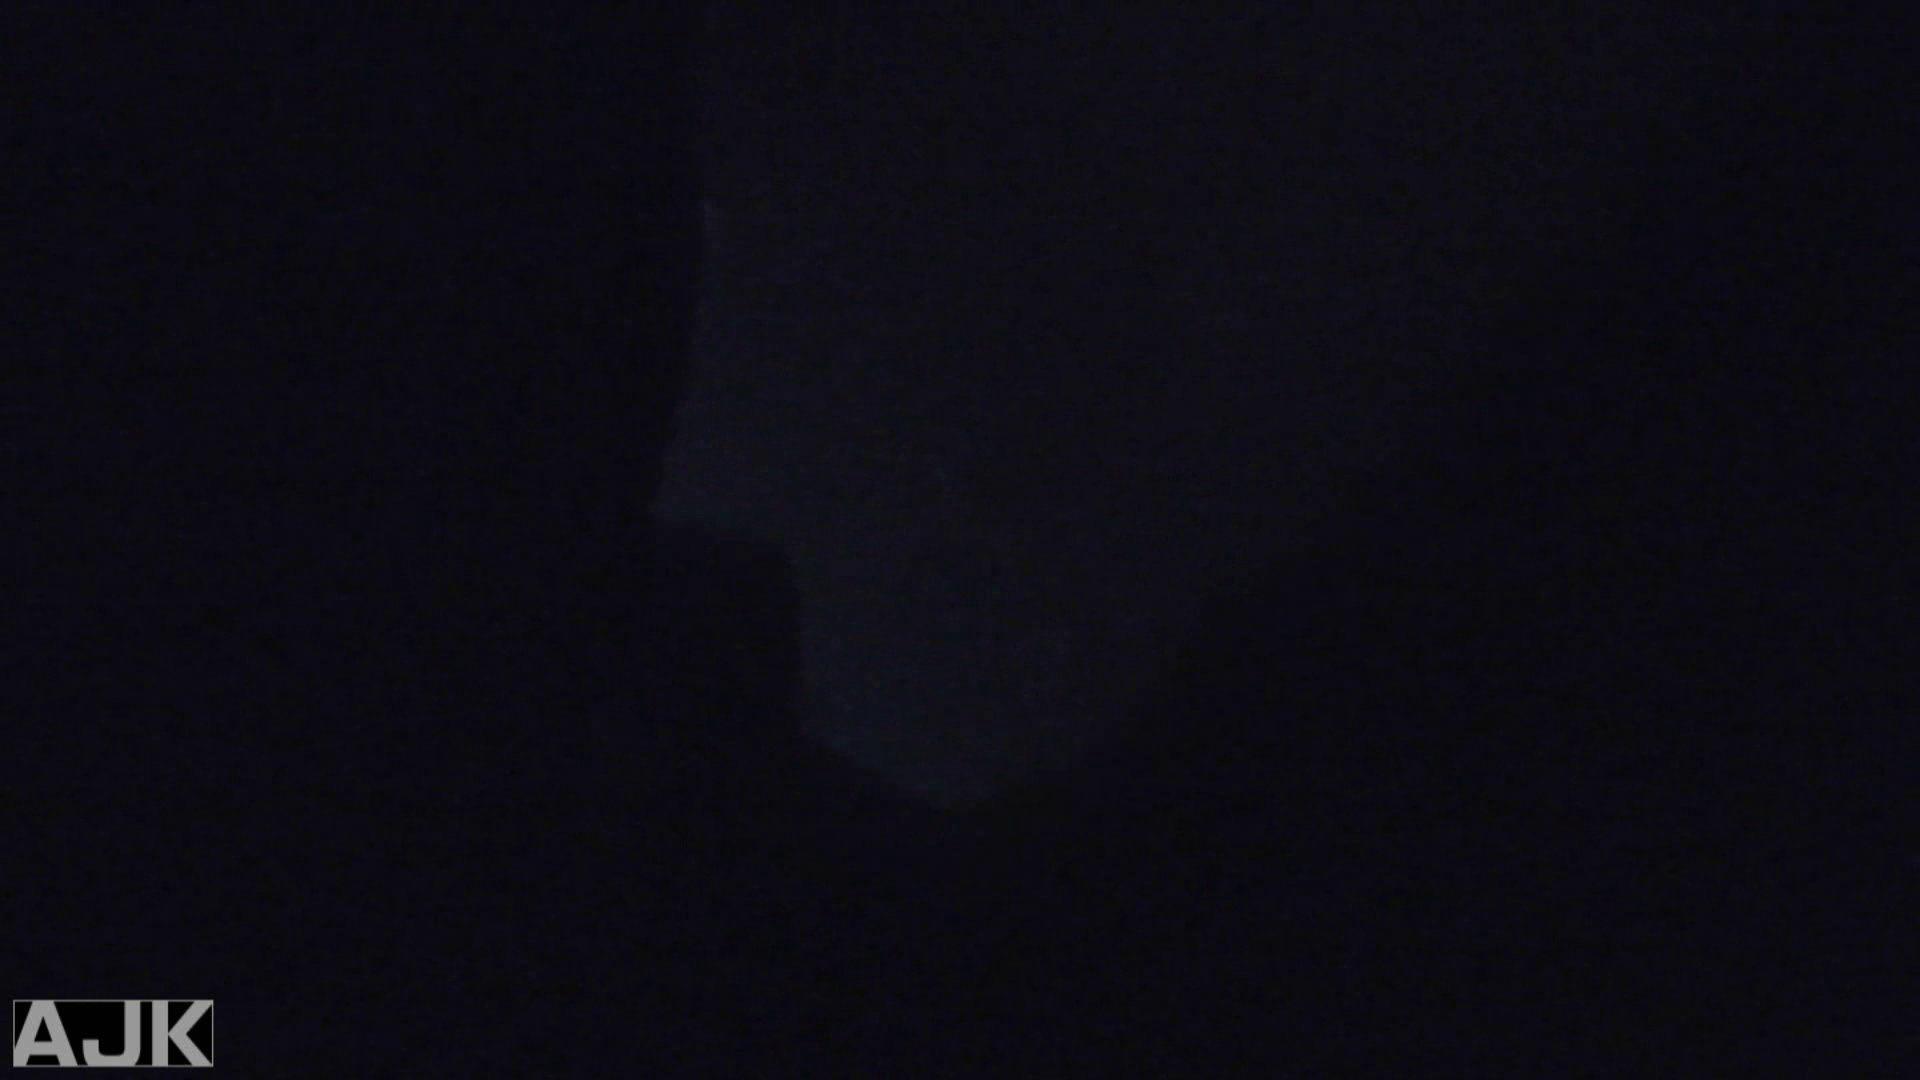 神降臨!史上最強の潜入かわや! vol.17 OLセックス 隠し撮りオマンコ動画紹介 94画像 23